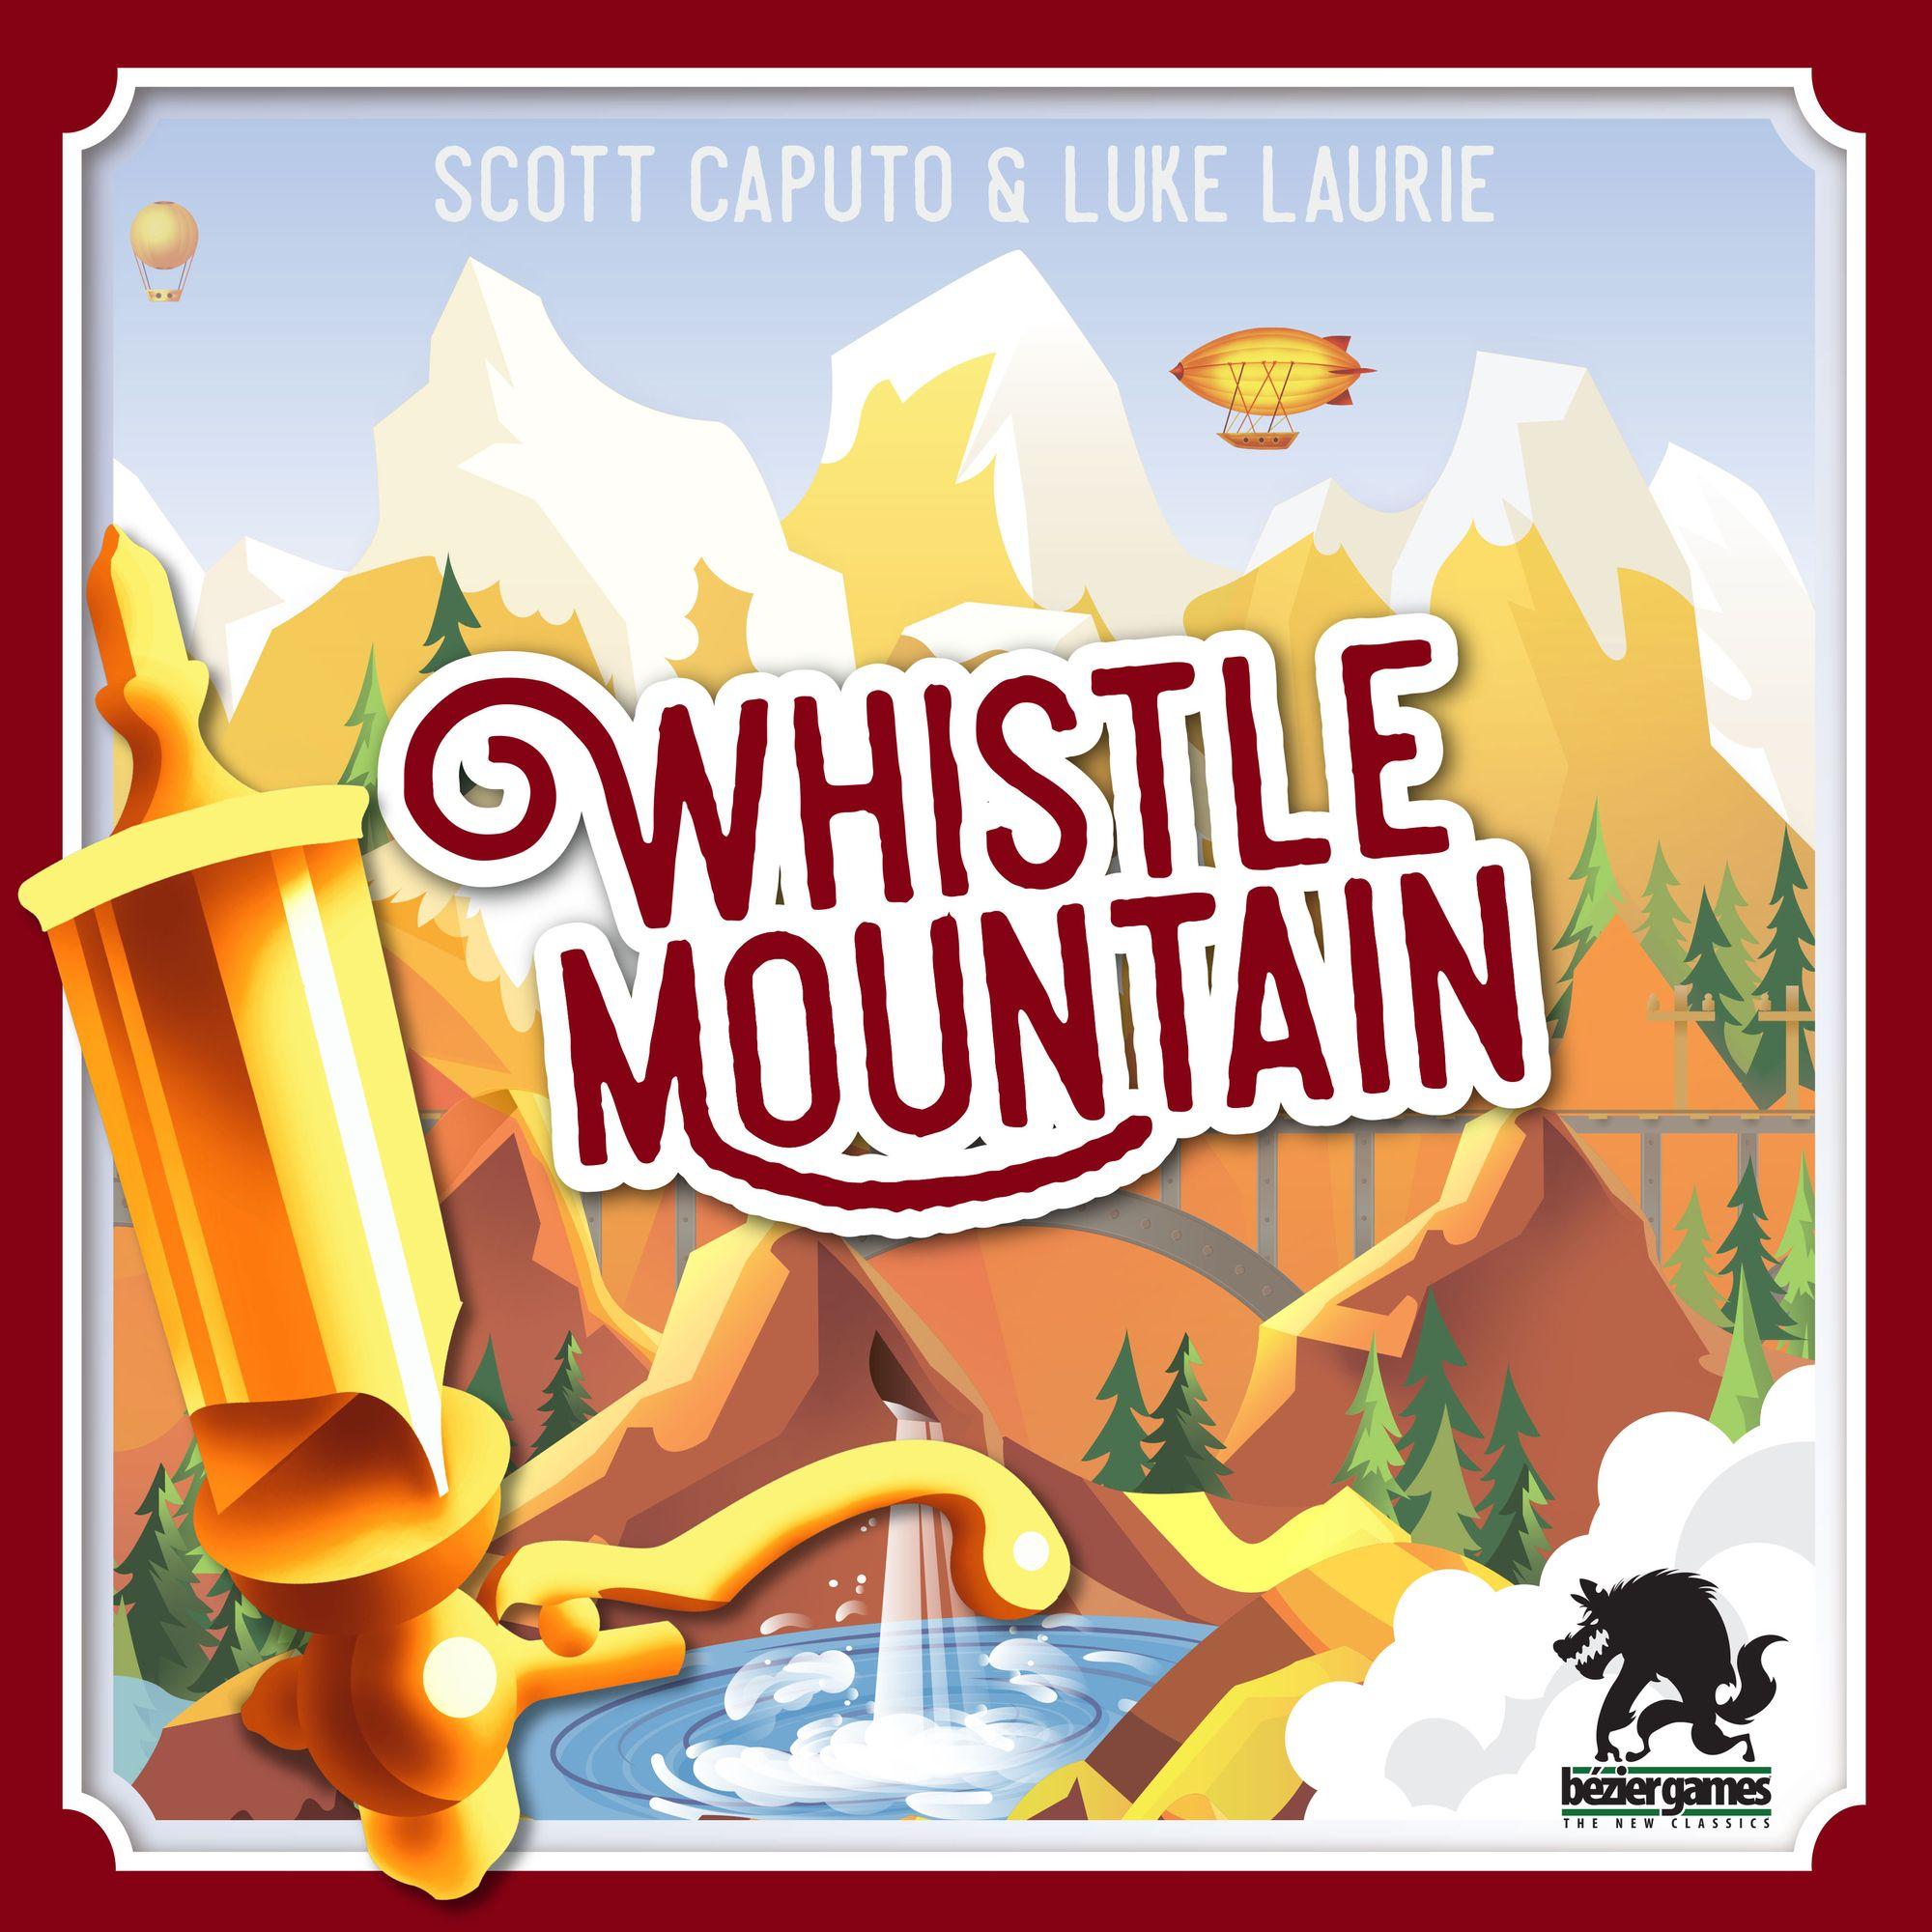 Bezier Lanzamientos 2020 - Whistle Mountain